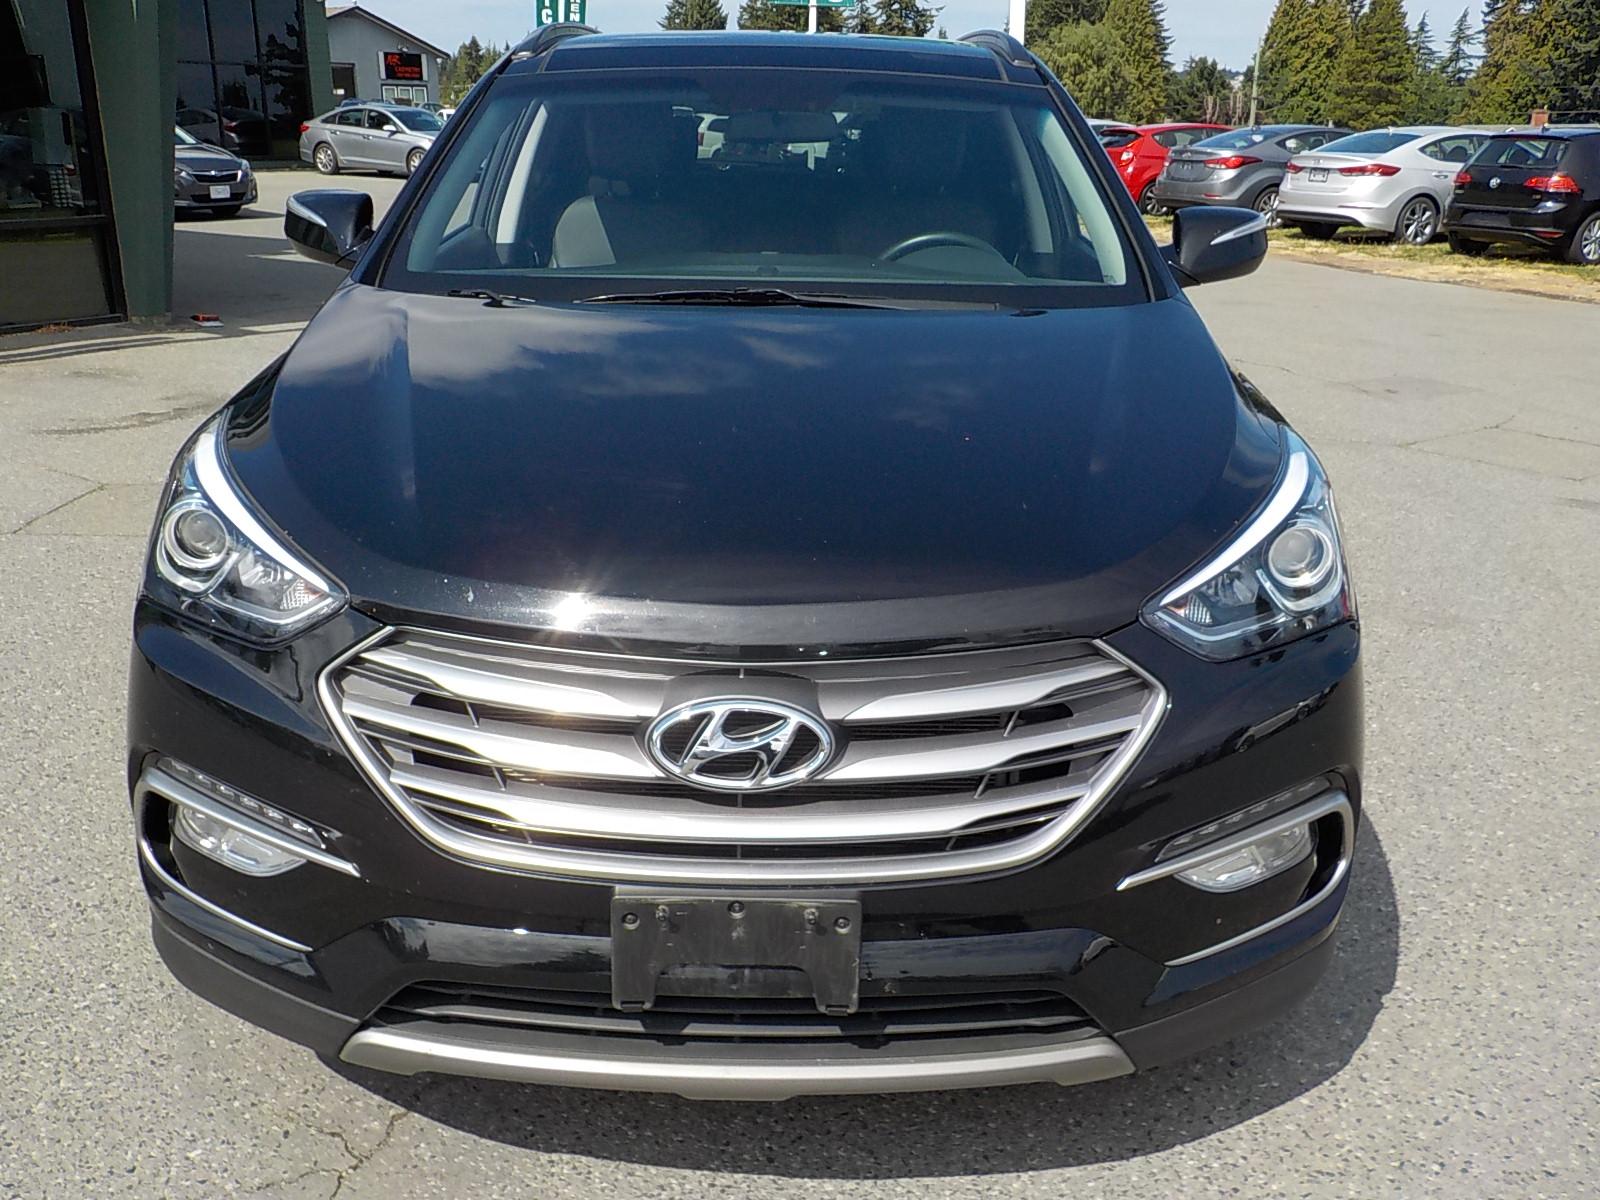 Used 2018 Hyundai Santa Fe in Nanaimo,BC